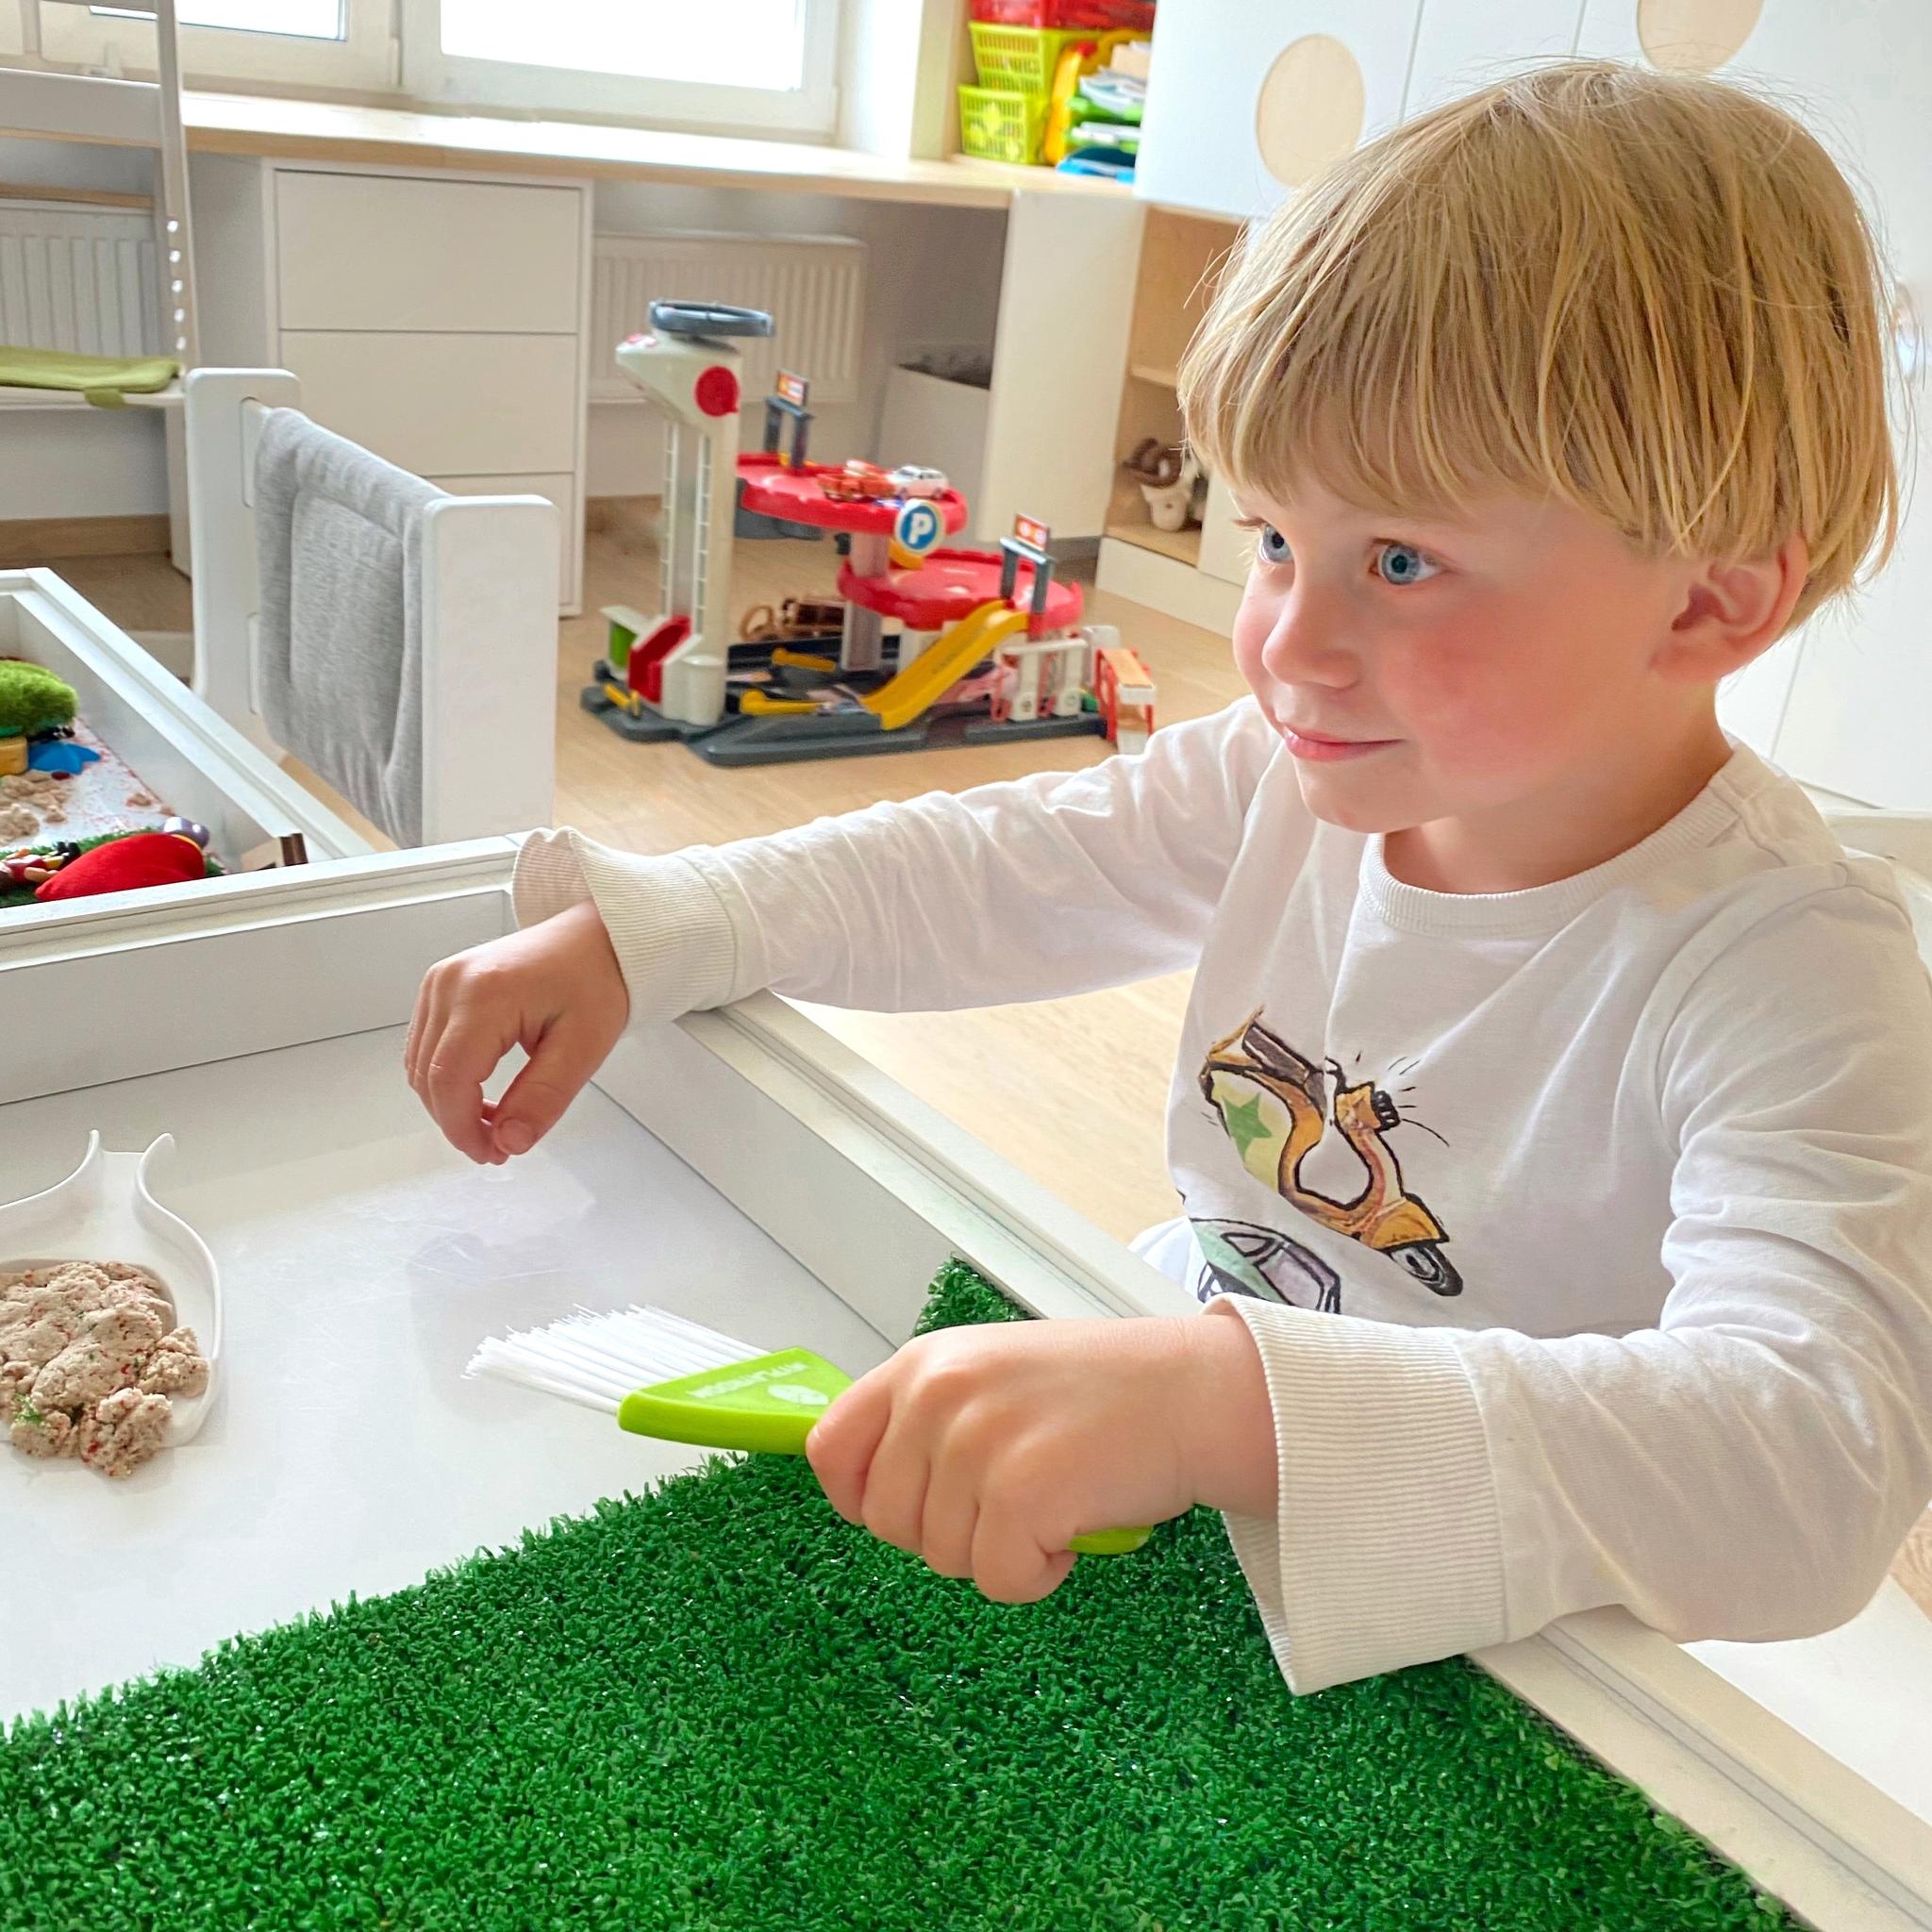 Ваня в 4 года сам играет свой любимый столик удобным набором для уборки